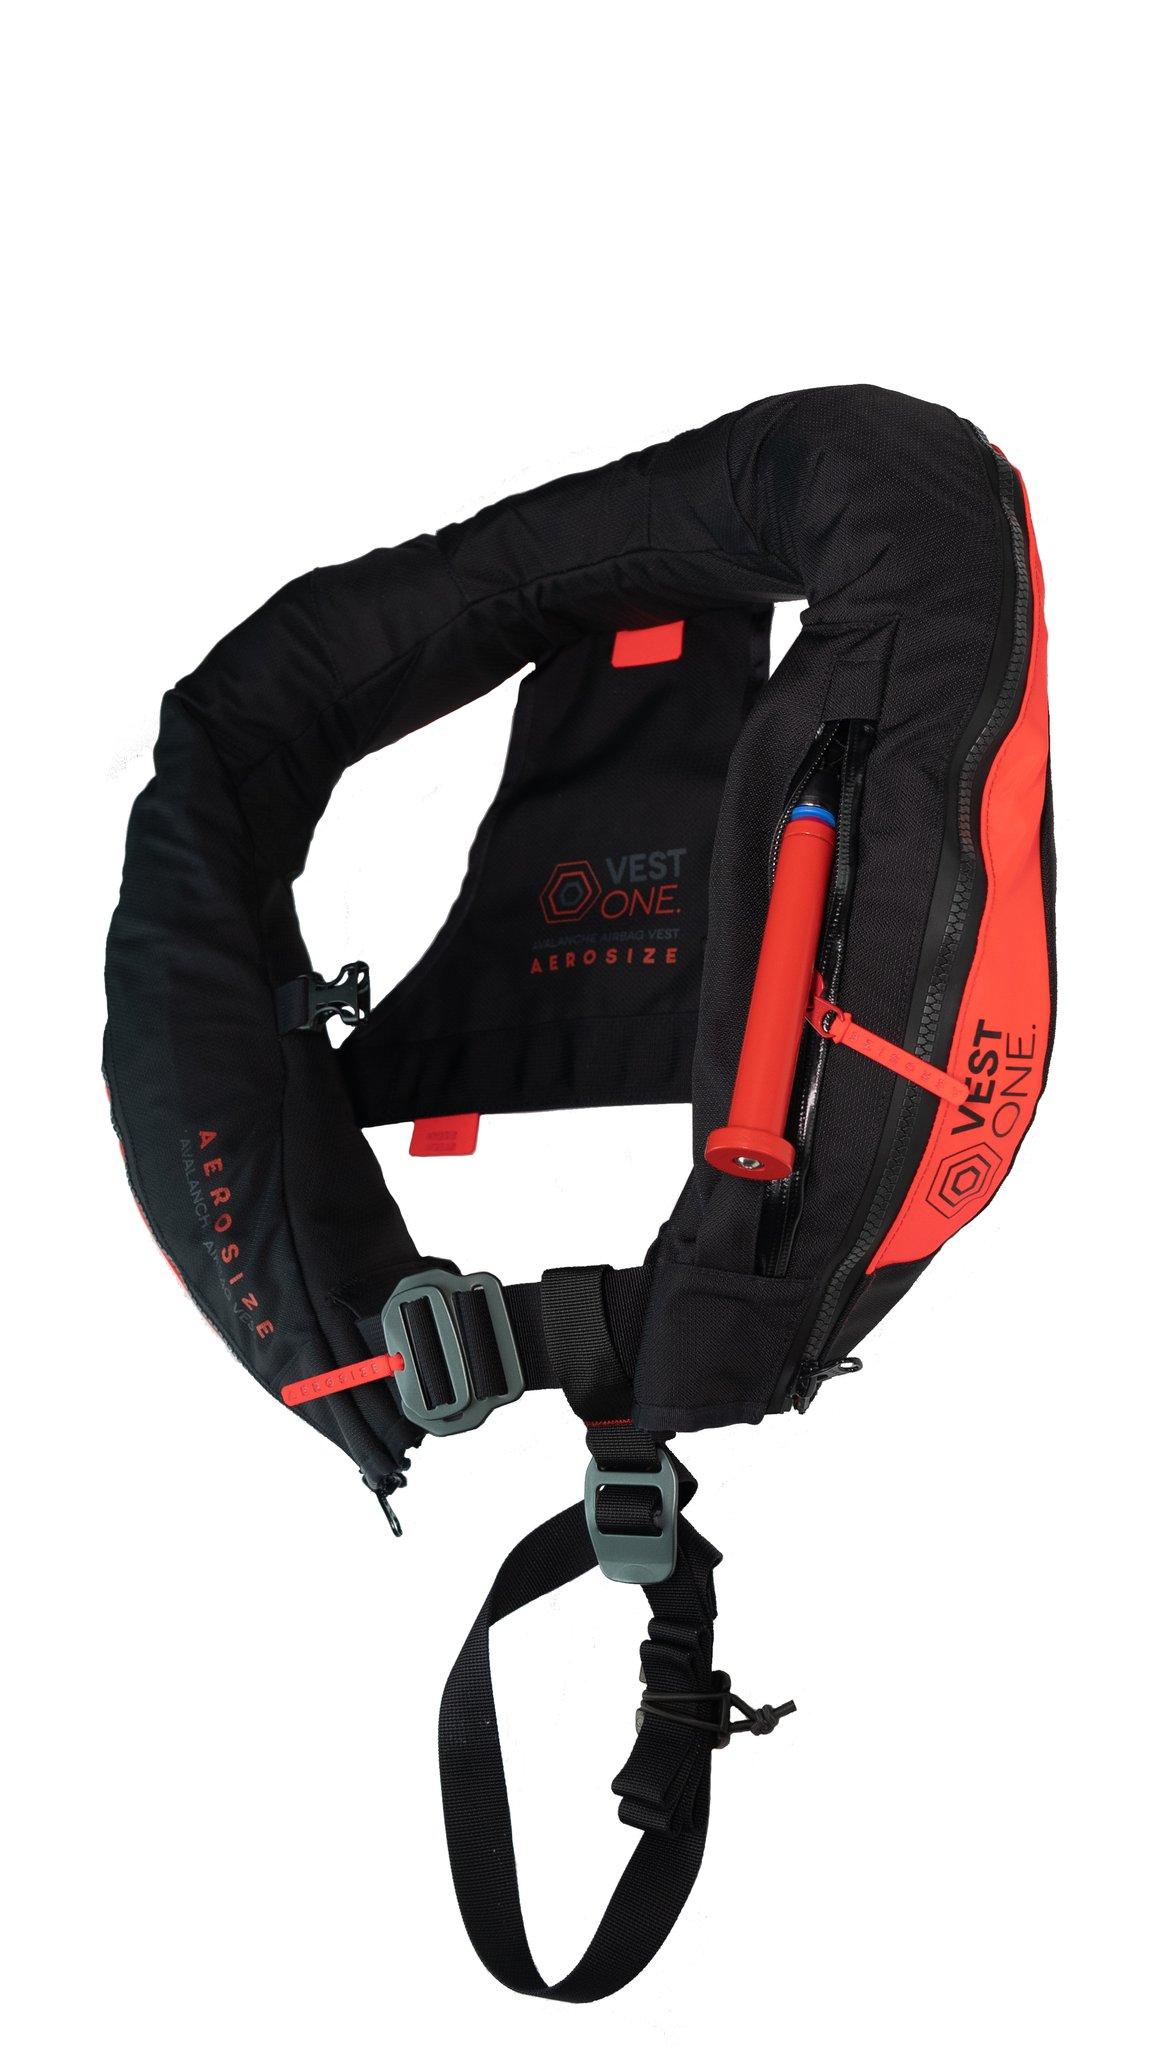 AEROSIZE | Vest One Kit